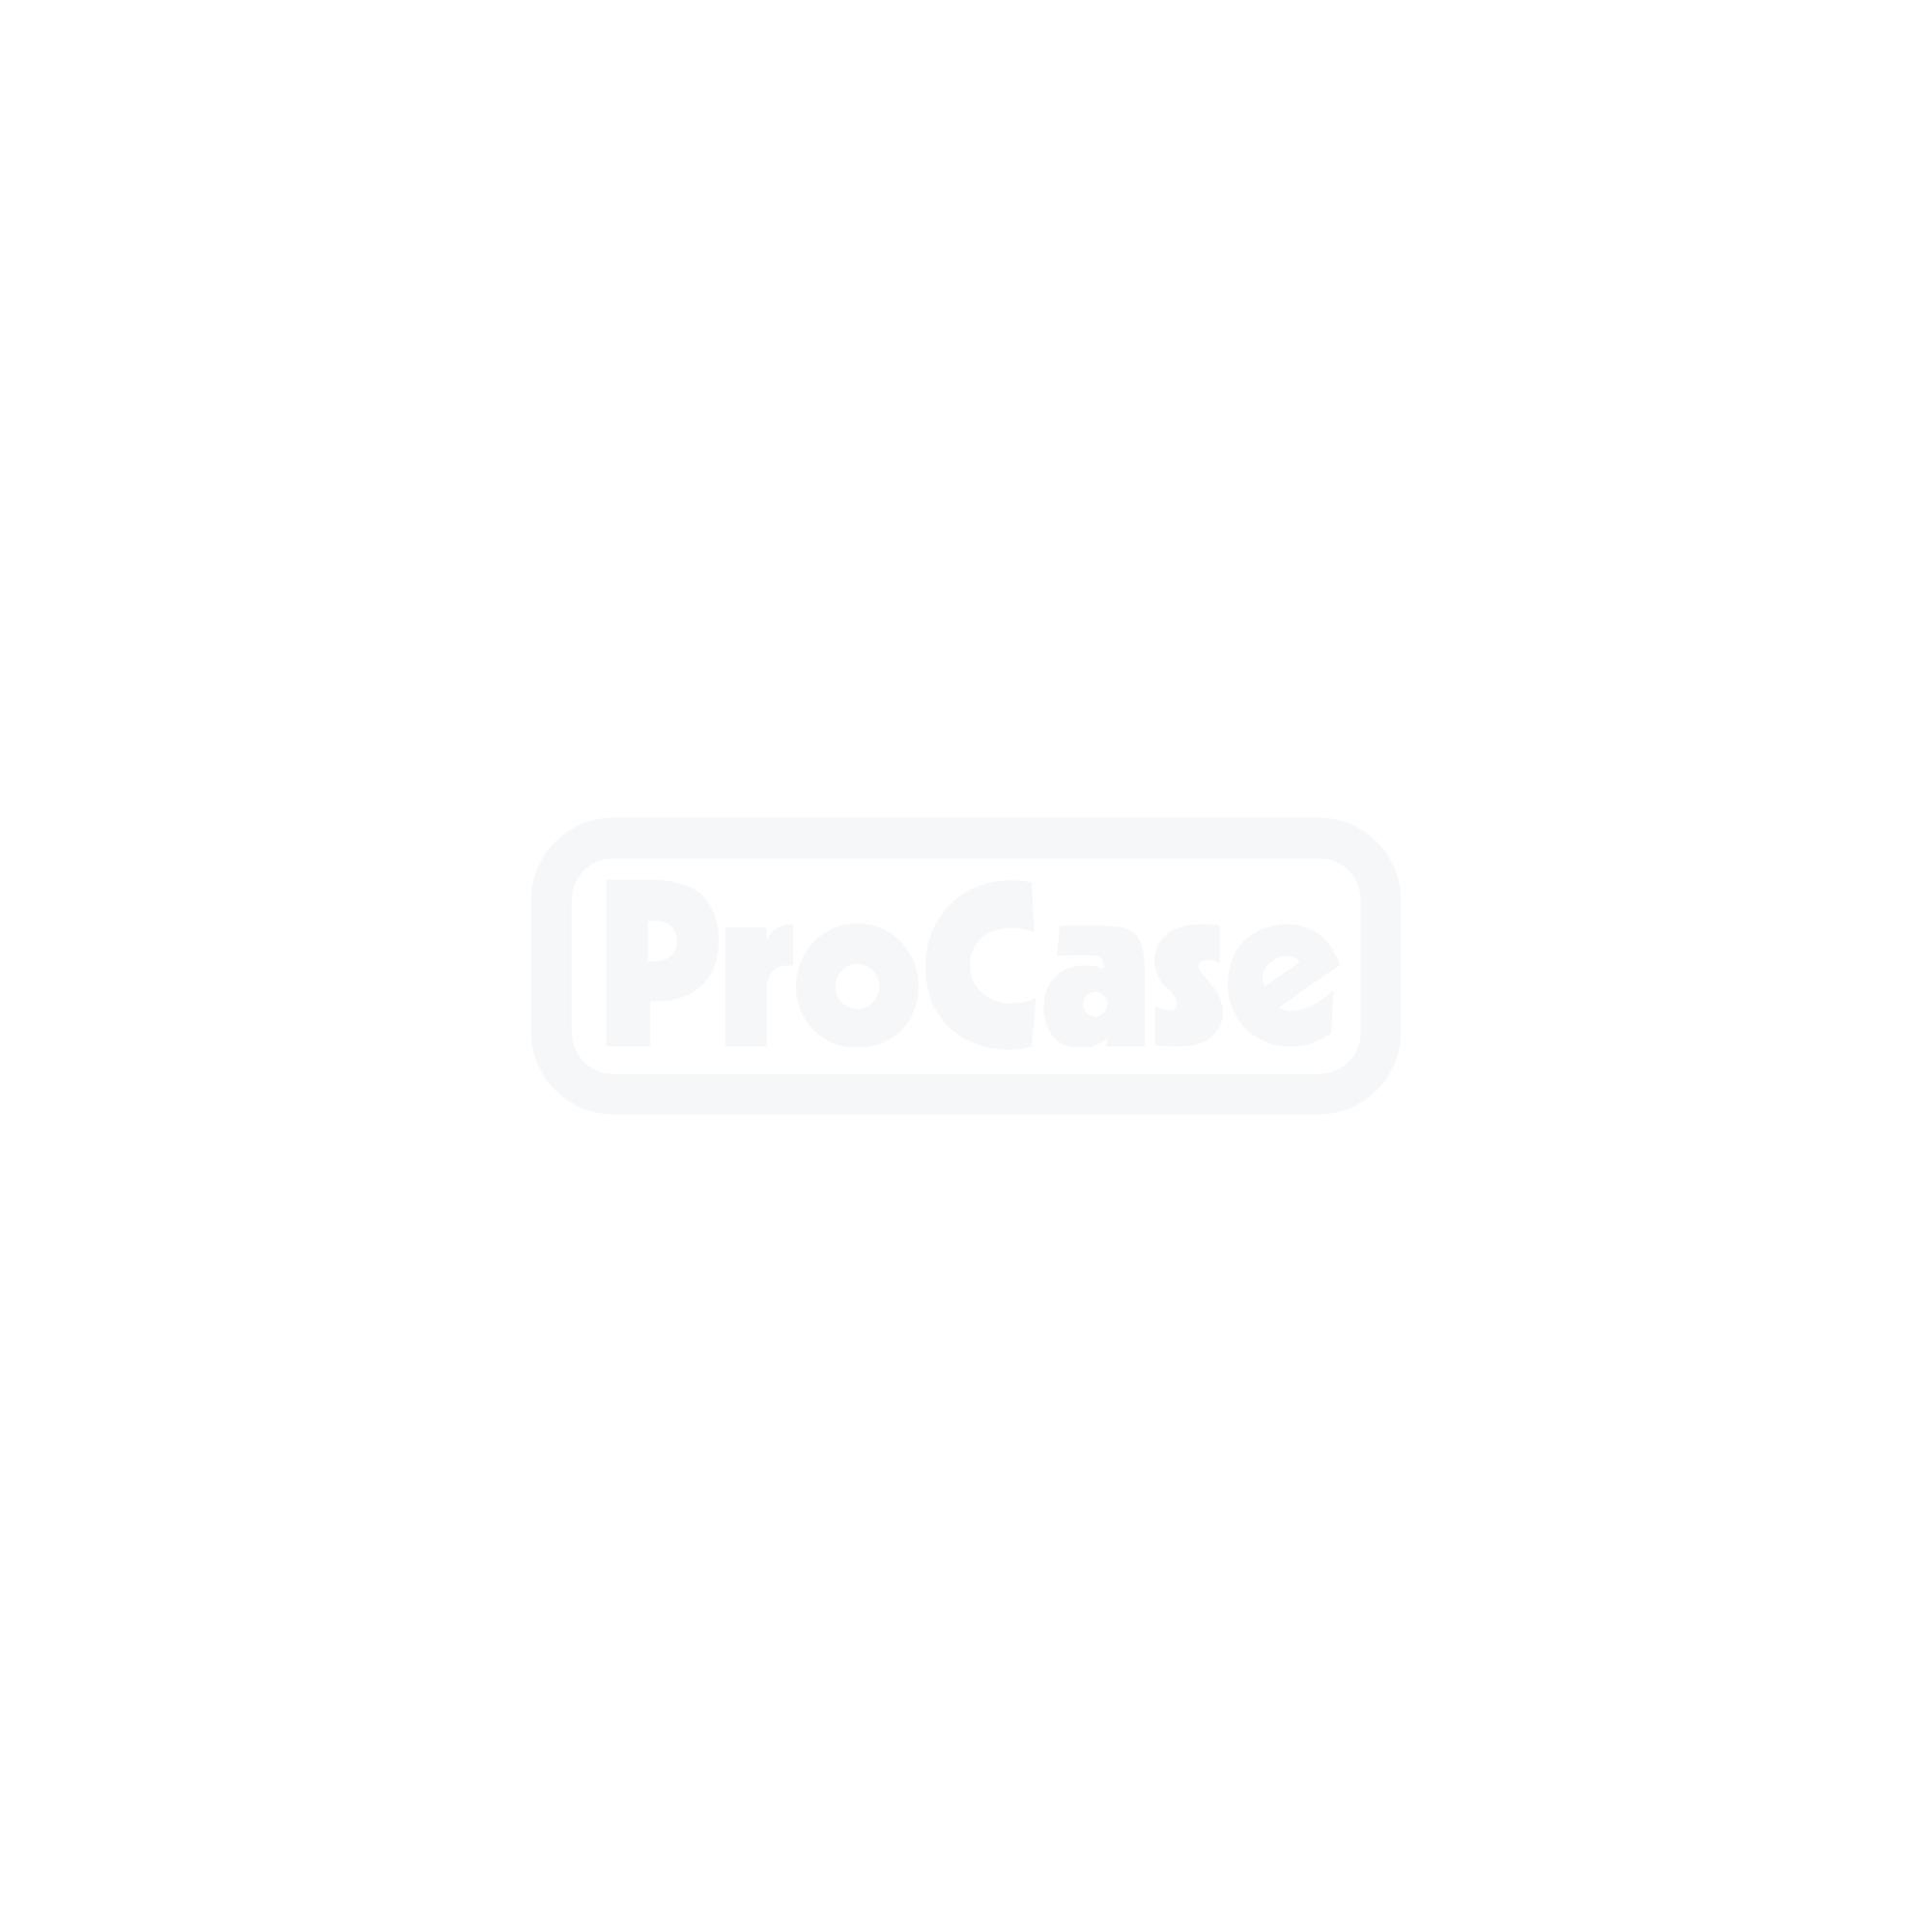 TFT Transportkoffer FLEX Case mit Trolley XL 2